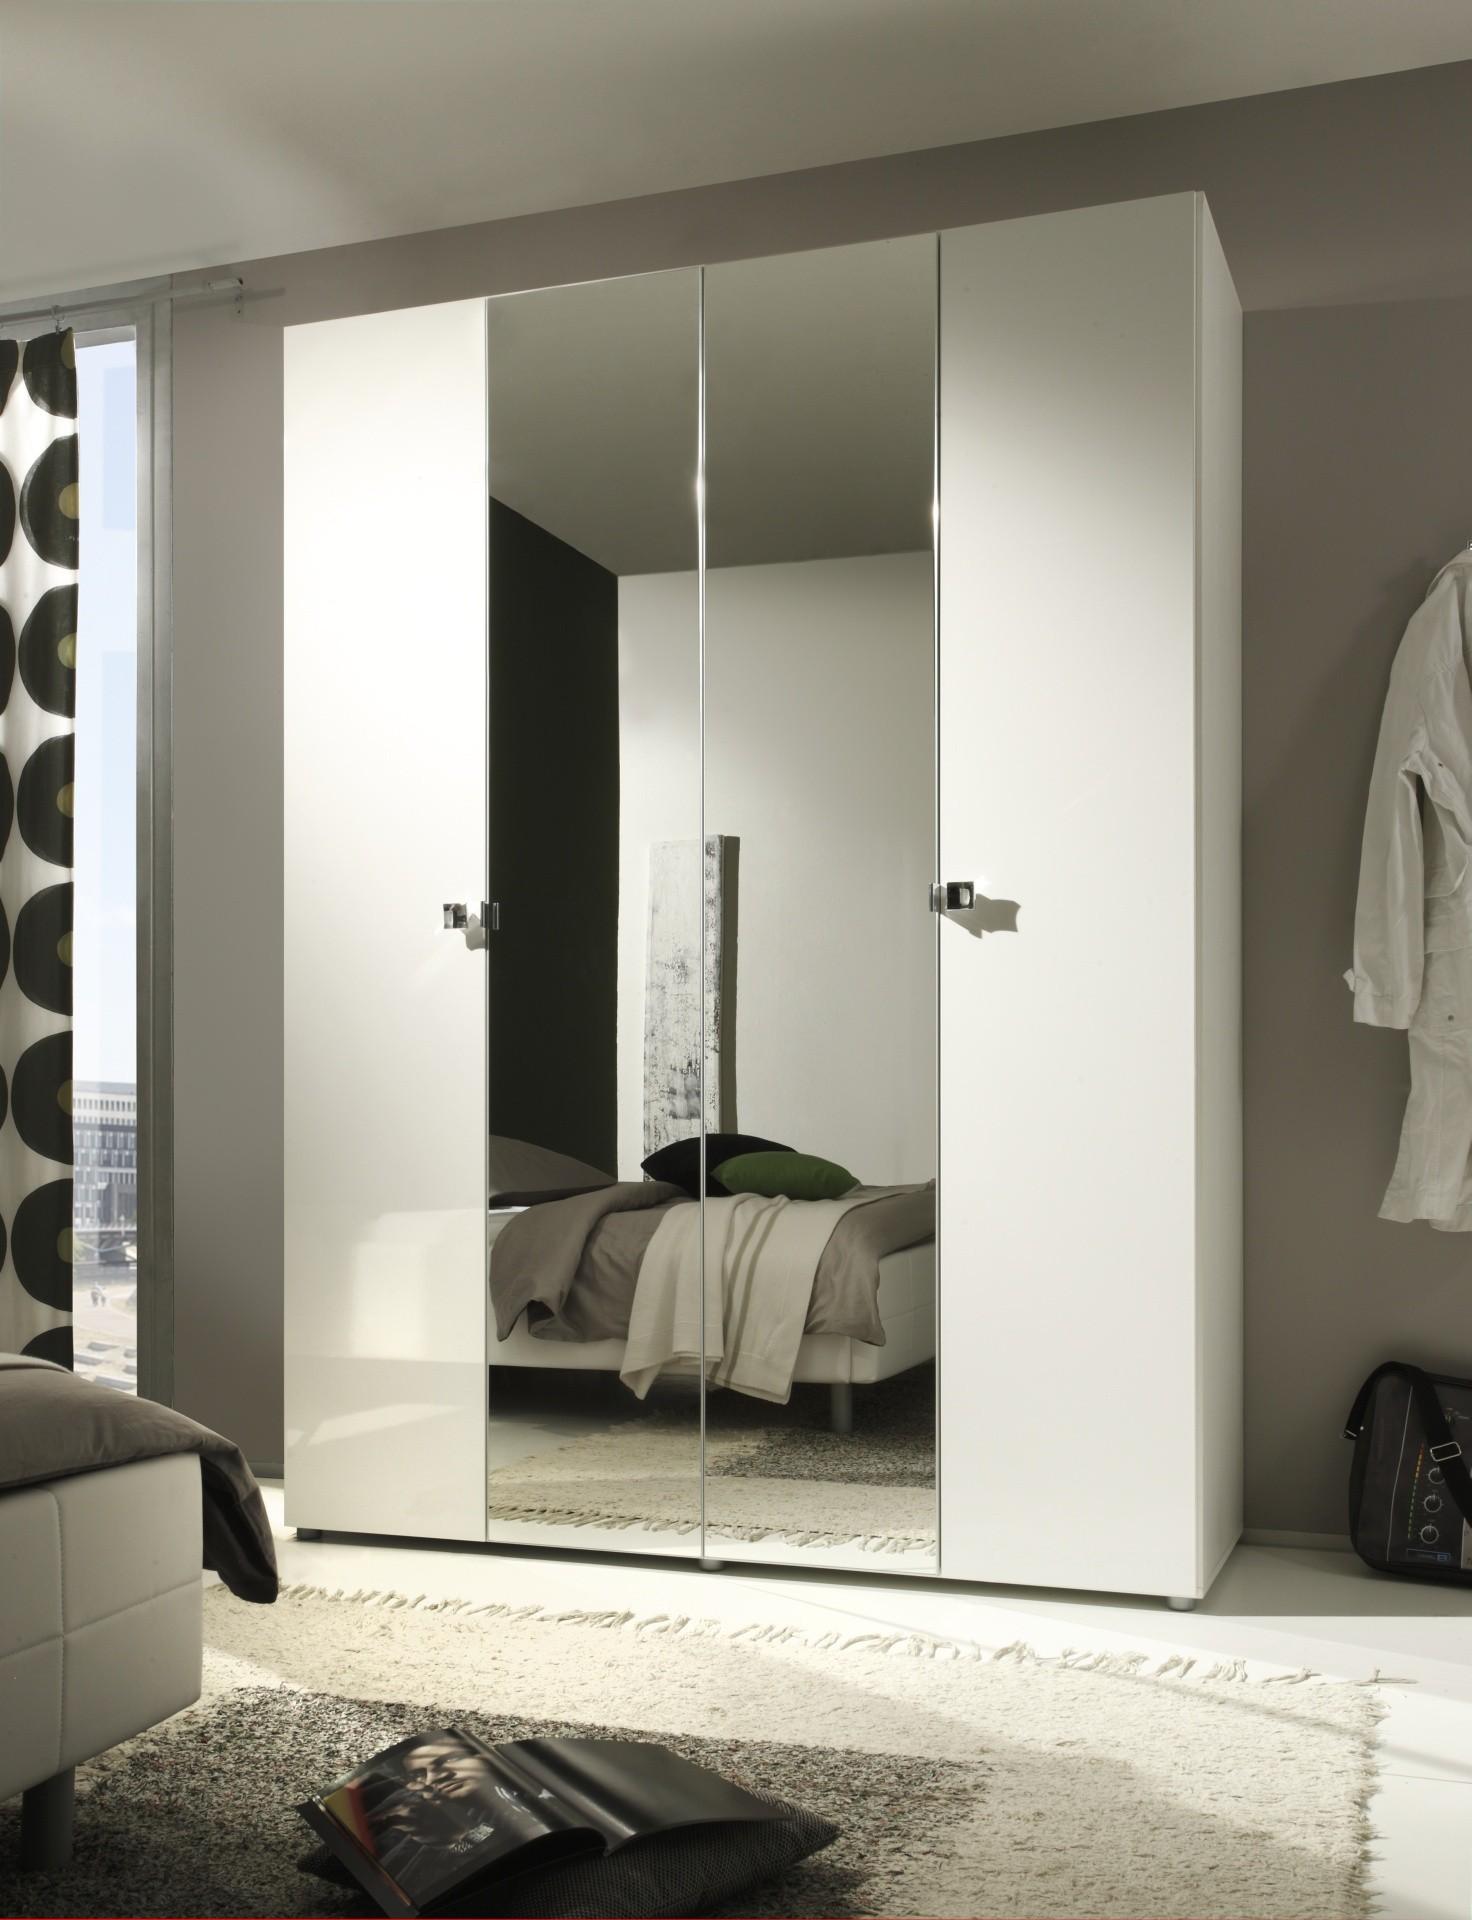 Superbe Armoire Lidia 4 Portes Avec Miroir Prix Exeptionnel # Armoire Blanc Laquee